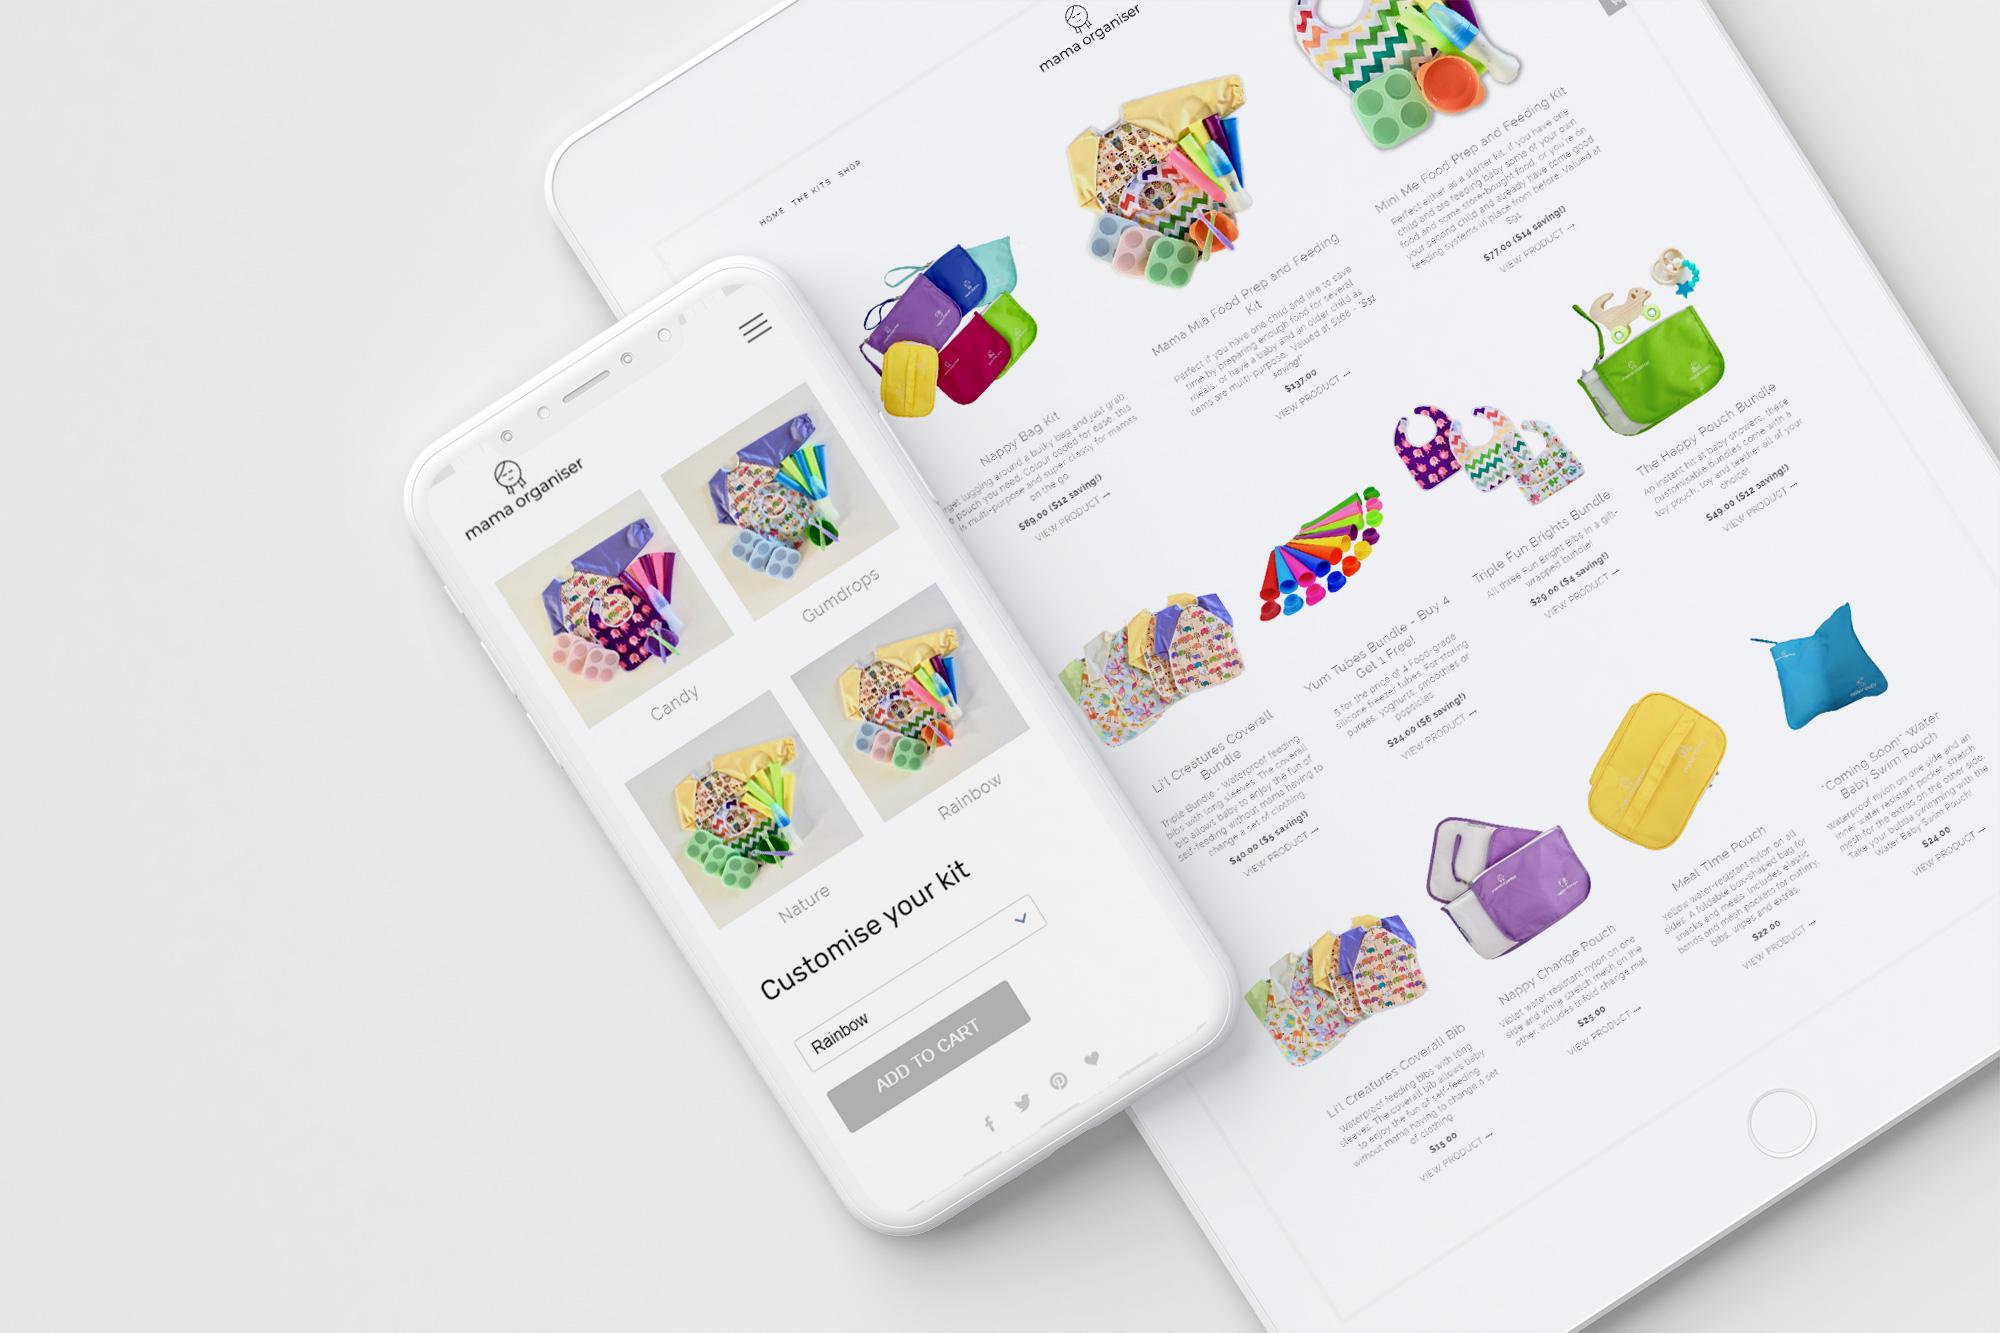 clay-iphone-x-and-ipad-mockup-01.jpg